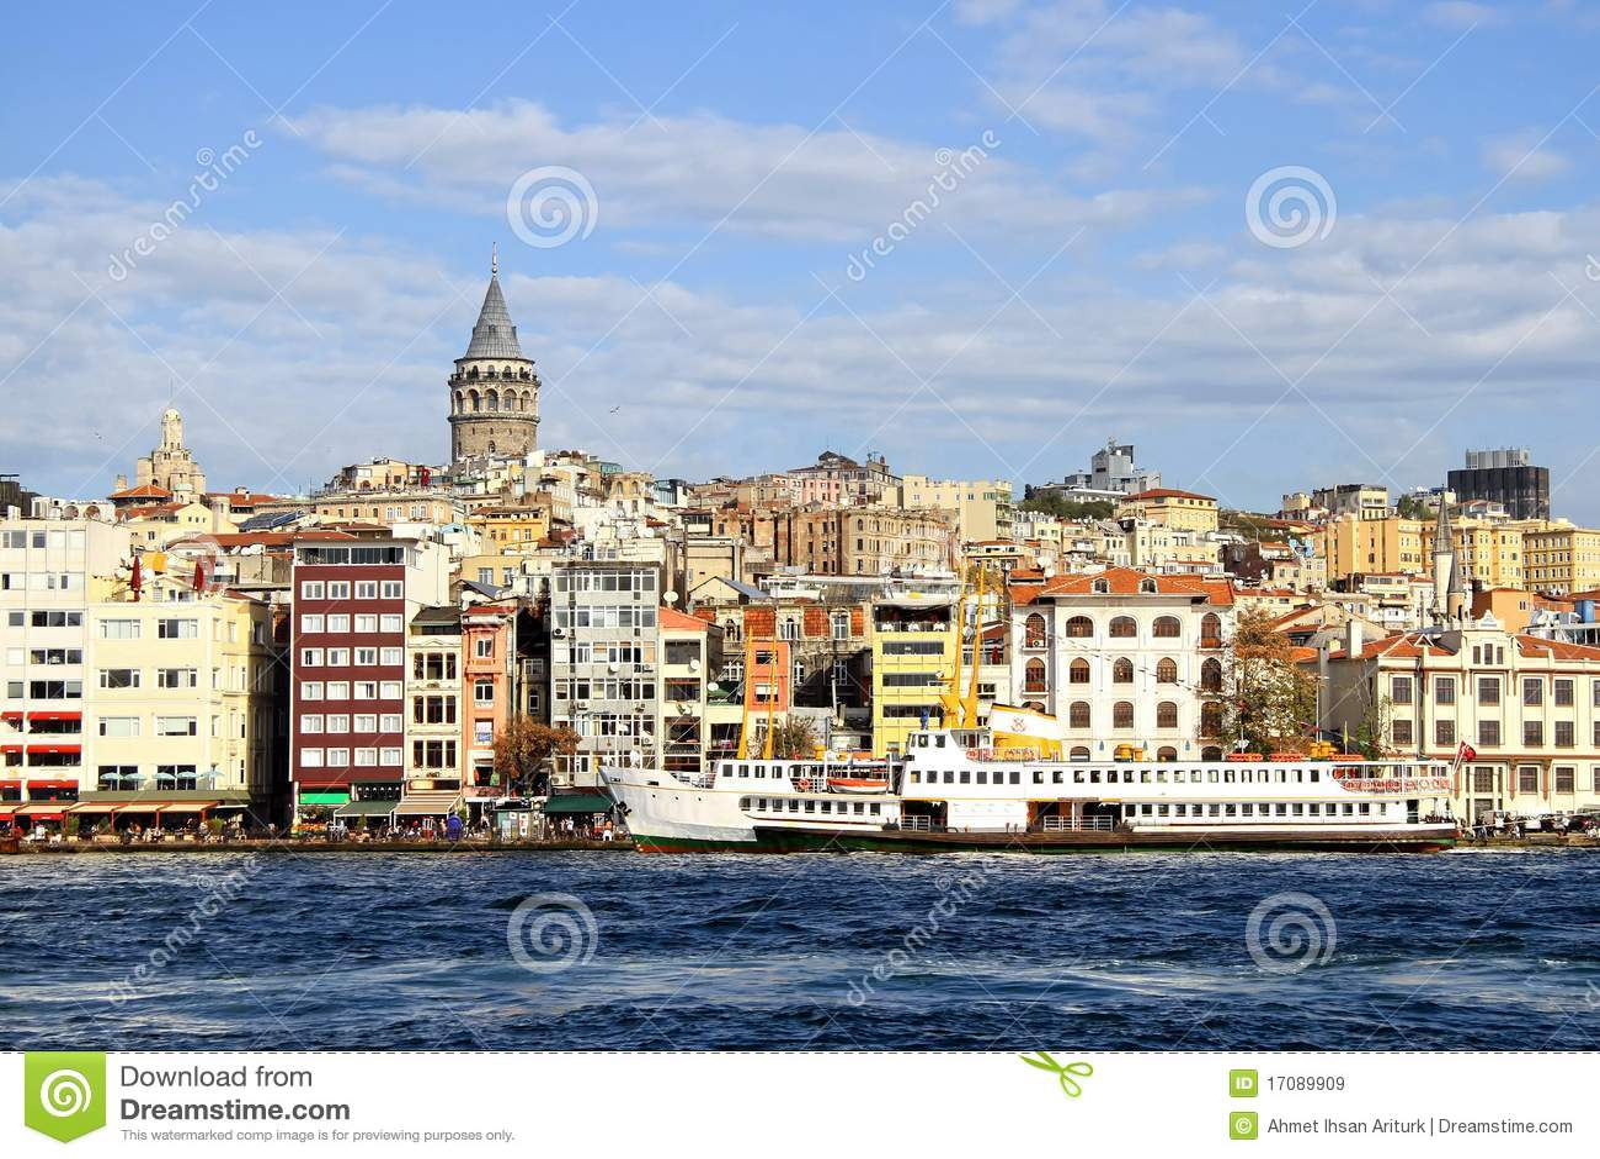 Kanal Istanbul-Karakoy